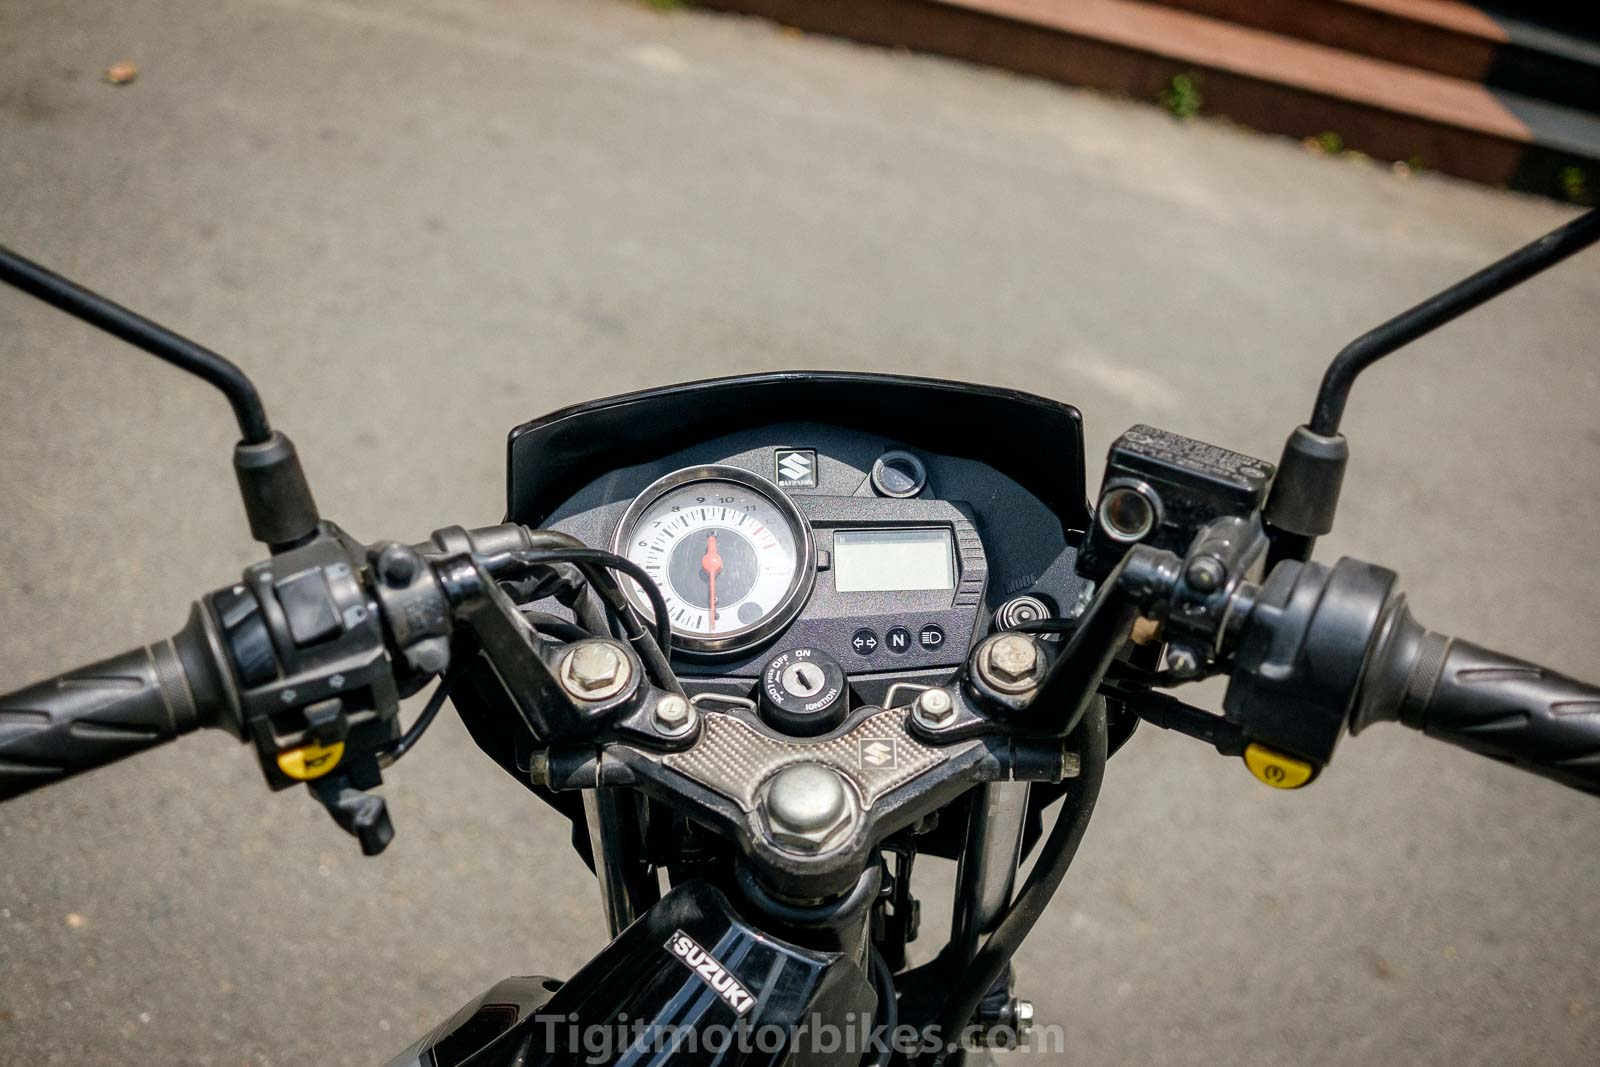 Suzuki Raider 150cc - Tour Vietnam With Quality Motorbike Rentals